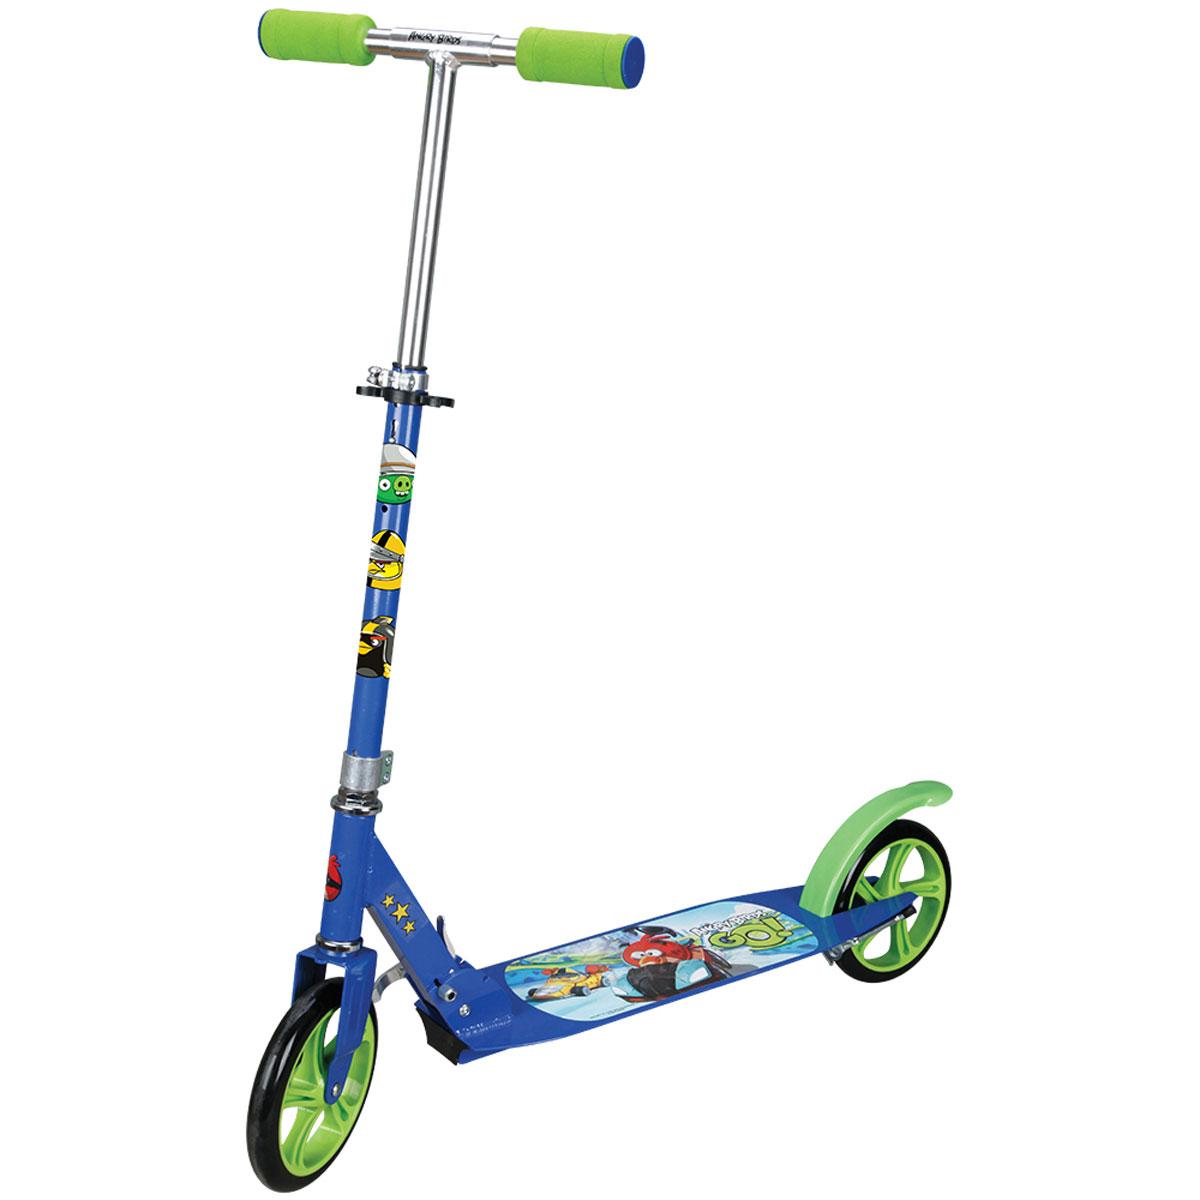 Navigator Самокат детский двухколесный Angry Birds Go цвет синий зеленыйCRL-1Самокат Navigator - это специализированная модель для детей. Колеса диаметром 200 мм отвечают за маневренность и подвижность самоката. Имеется тормоз.